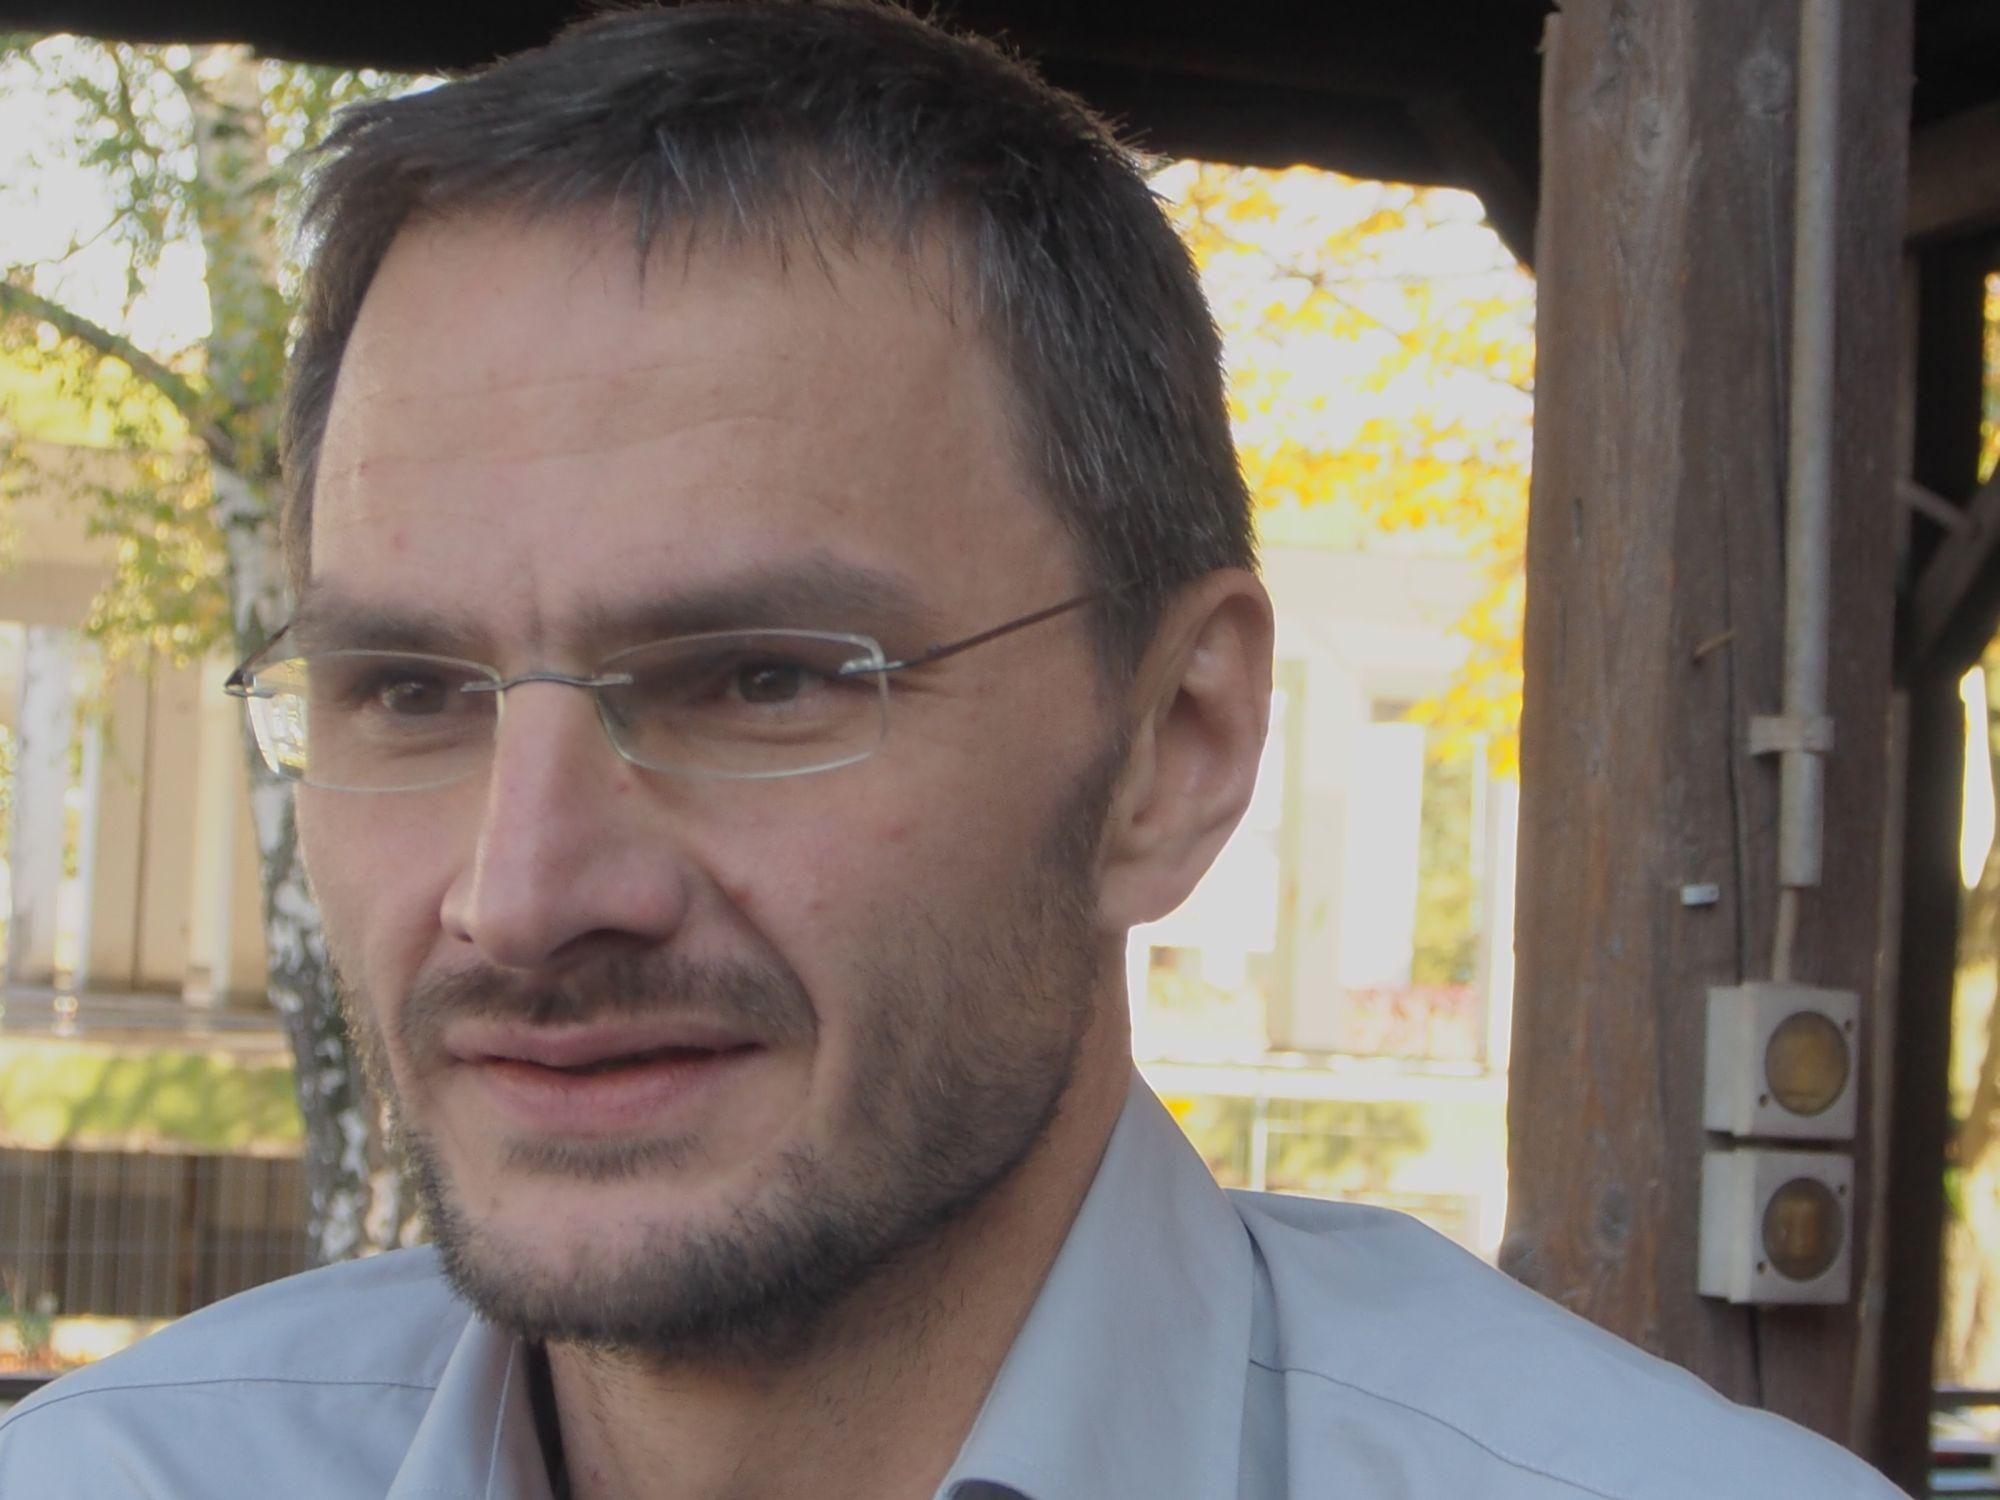 Sportfachhändler Werner Kavcic kam aus Passau nach Frankfurt, um über seine SoC-Erfahrungen zu sprechen (Foto: invidis.de)